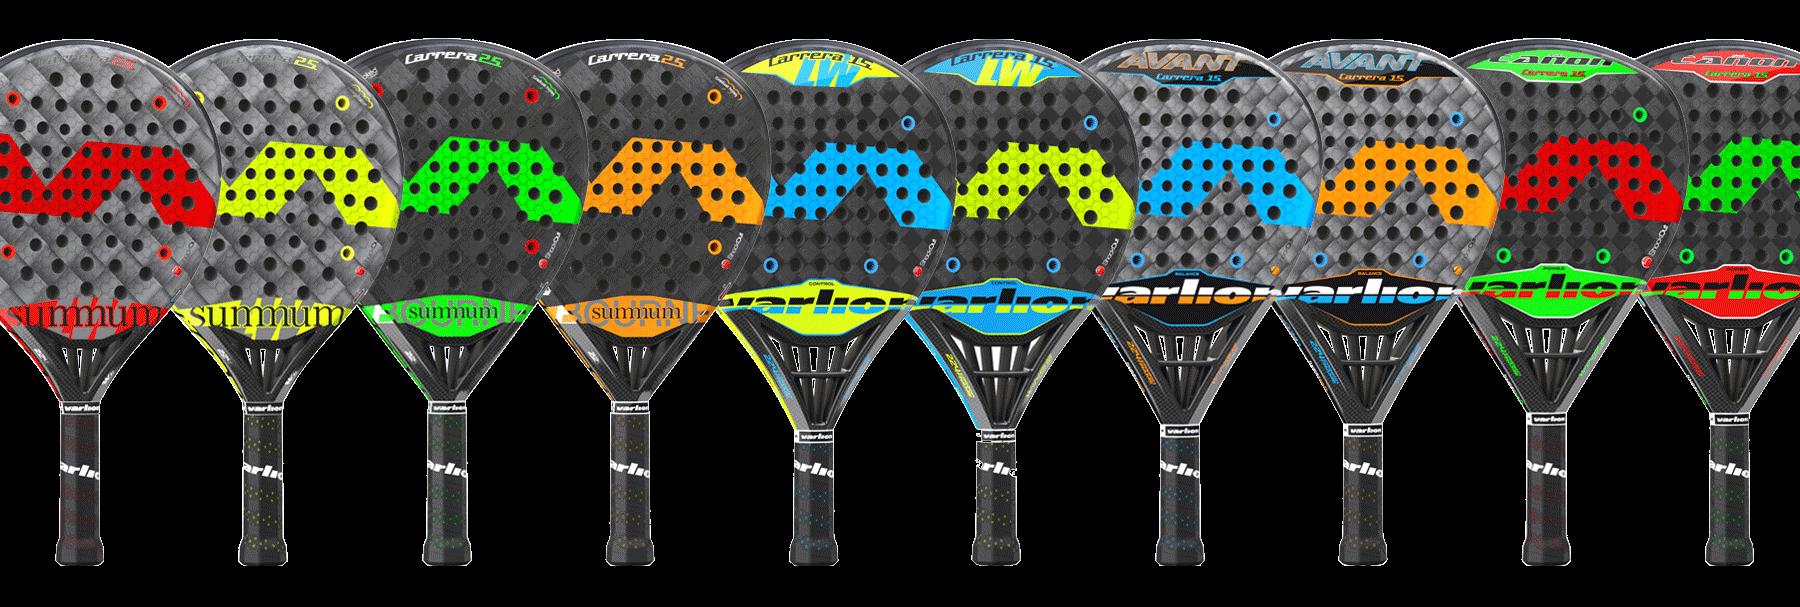 varlion-temperatura-raquetas